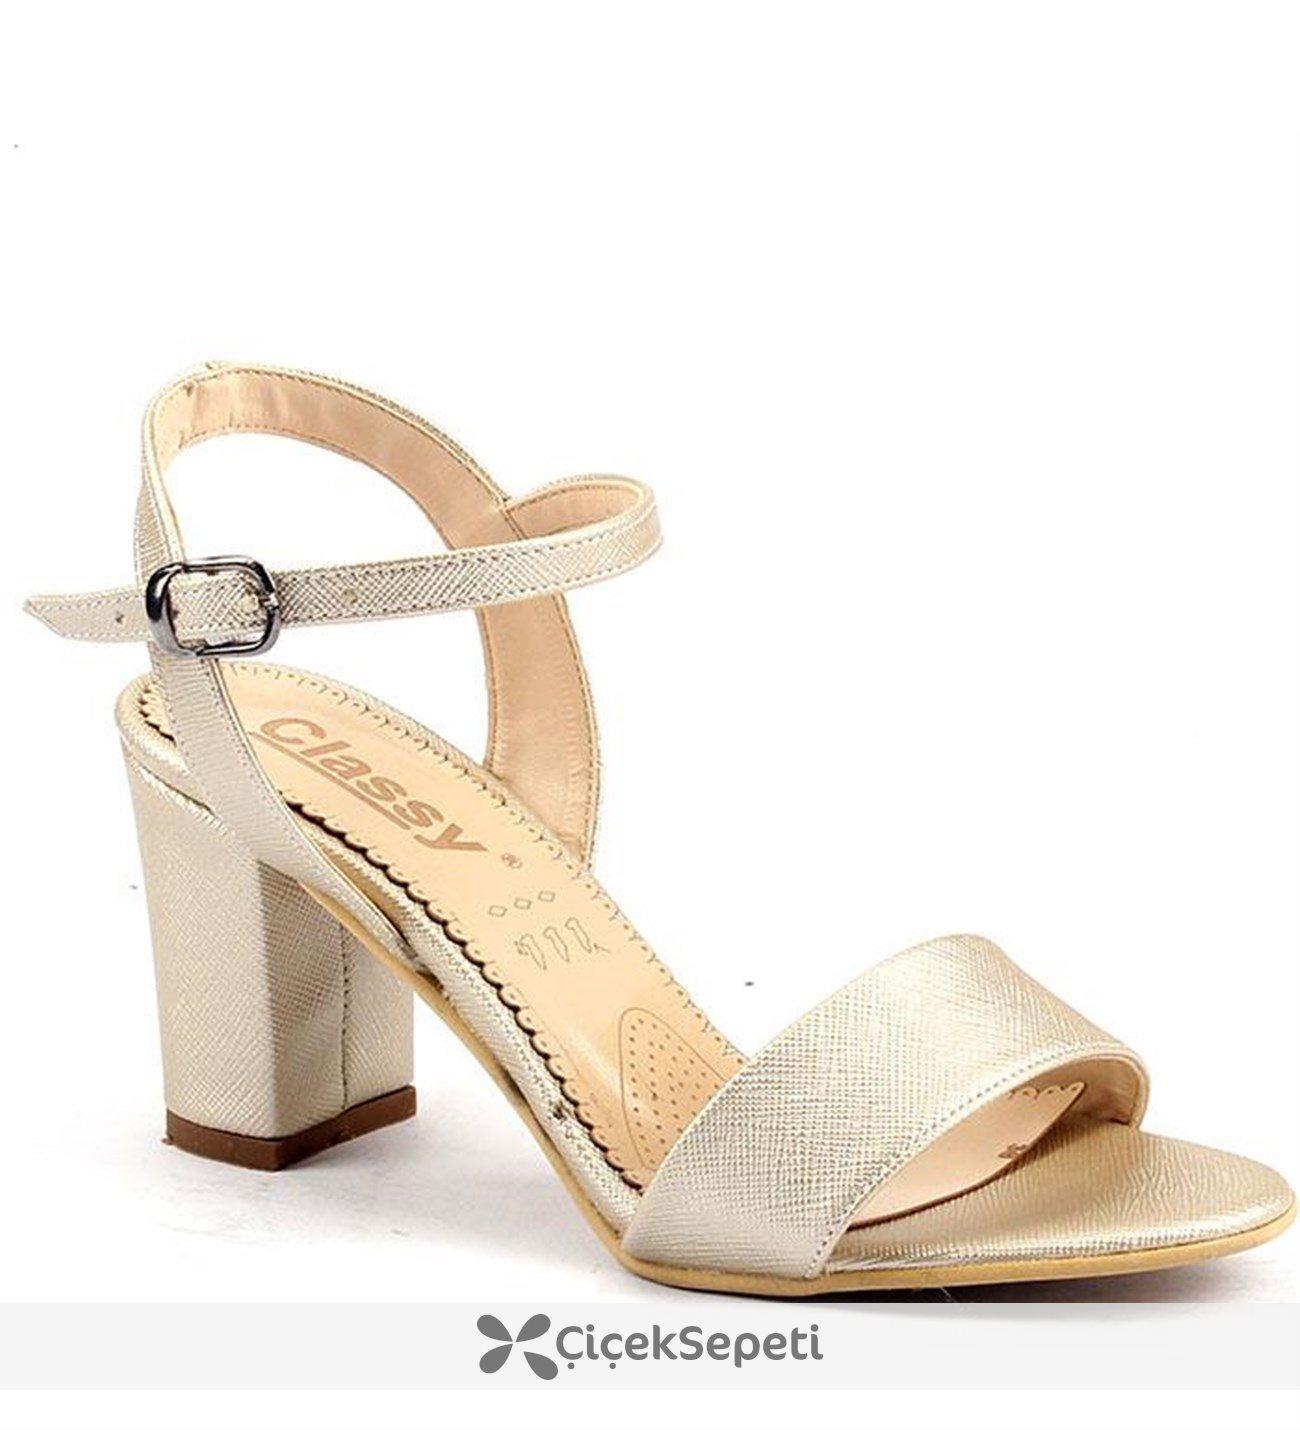 Classy 233 Günlük 75 Cm Topuklu Sandalet Bayan Cilt Ayakkabı